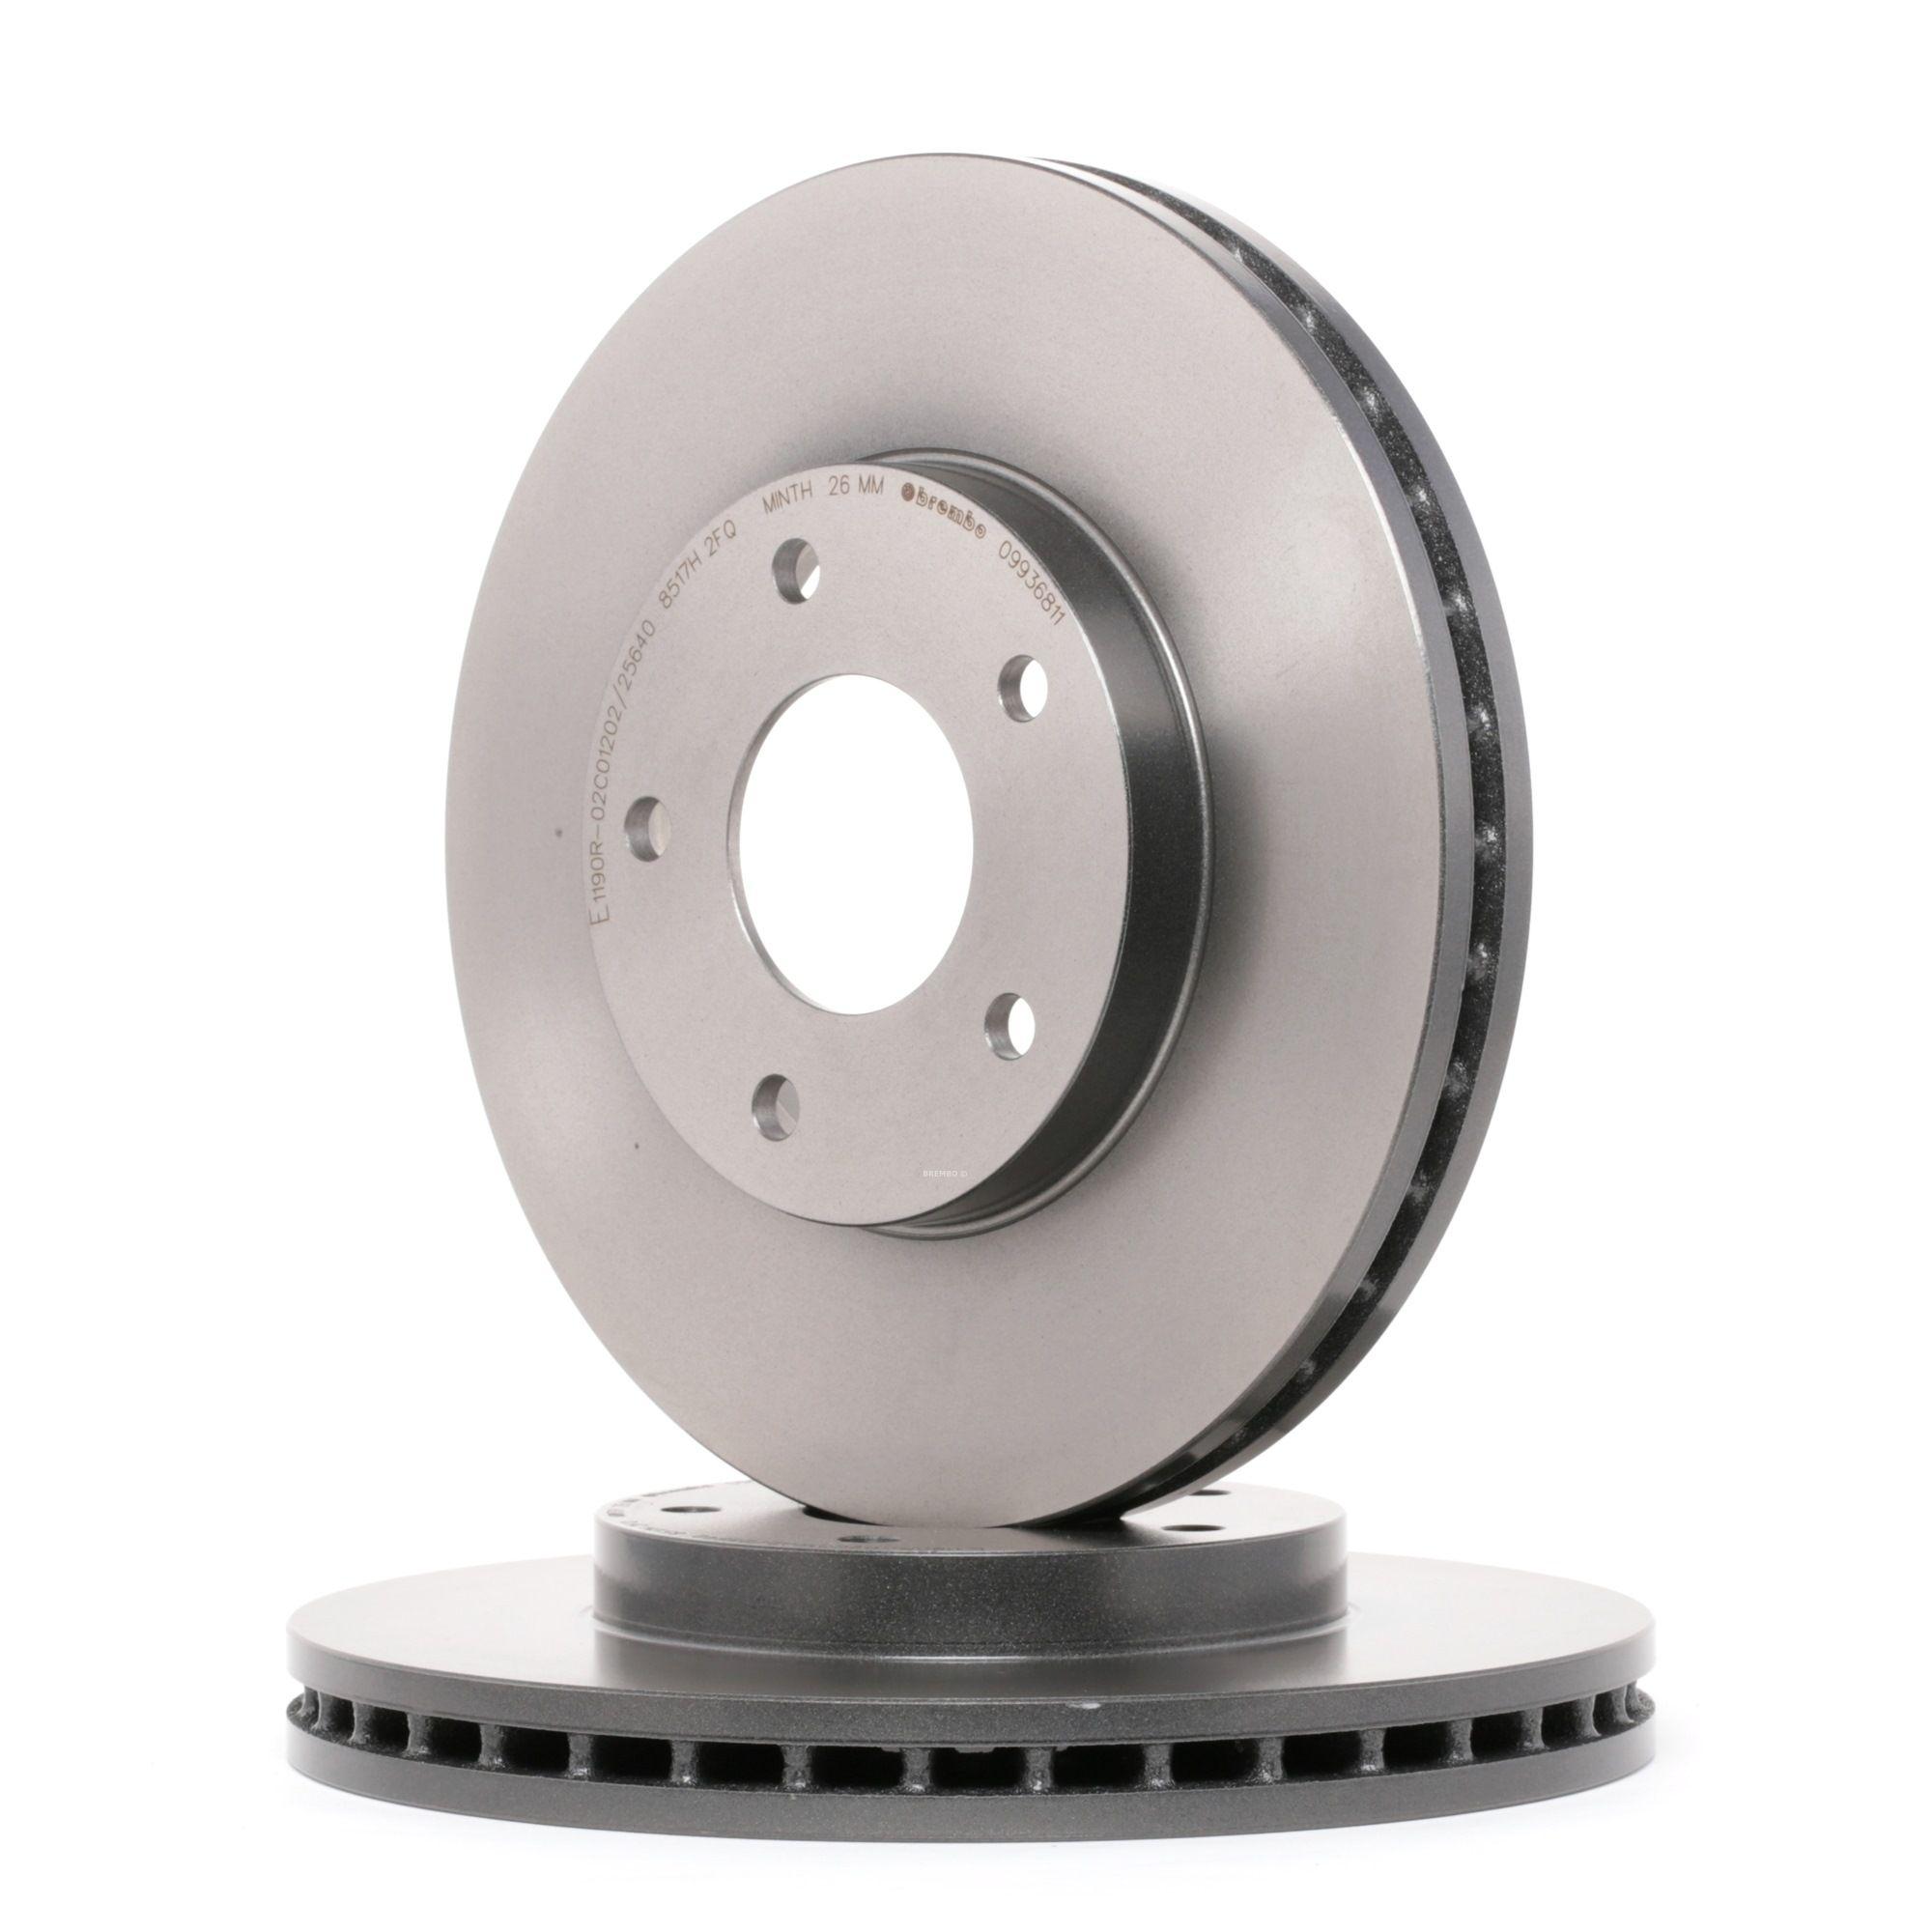 09.9368.11 BREMBO COATED DISC LINE Innenbelüftet, beschichtet Ø: 280mm, Lochanzahl: 5, Bremsscheibendicke: 28mm Bremsscheibe 09.9368.11 günstig kaufen